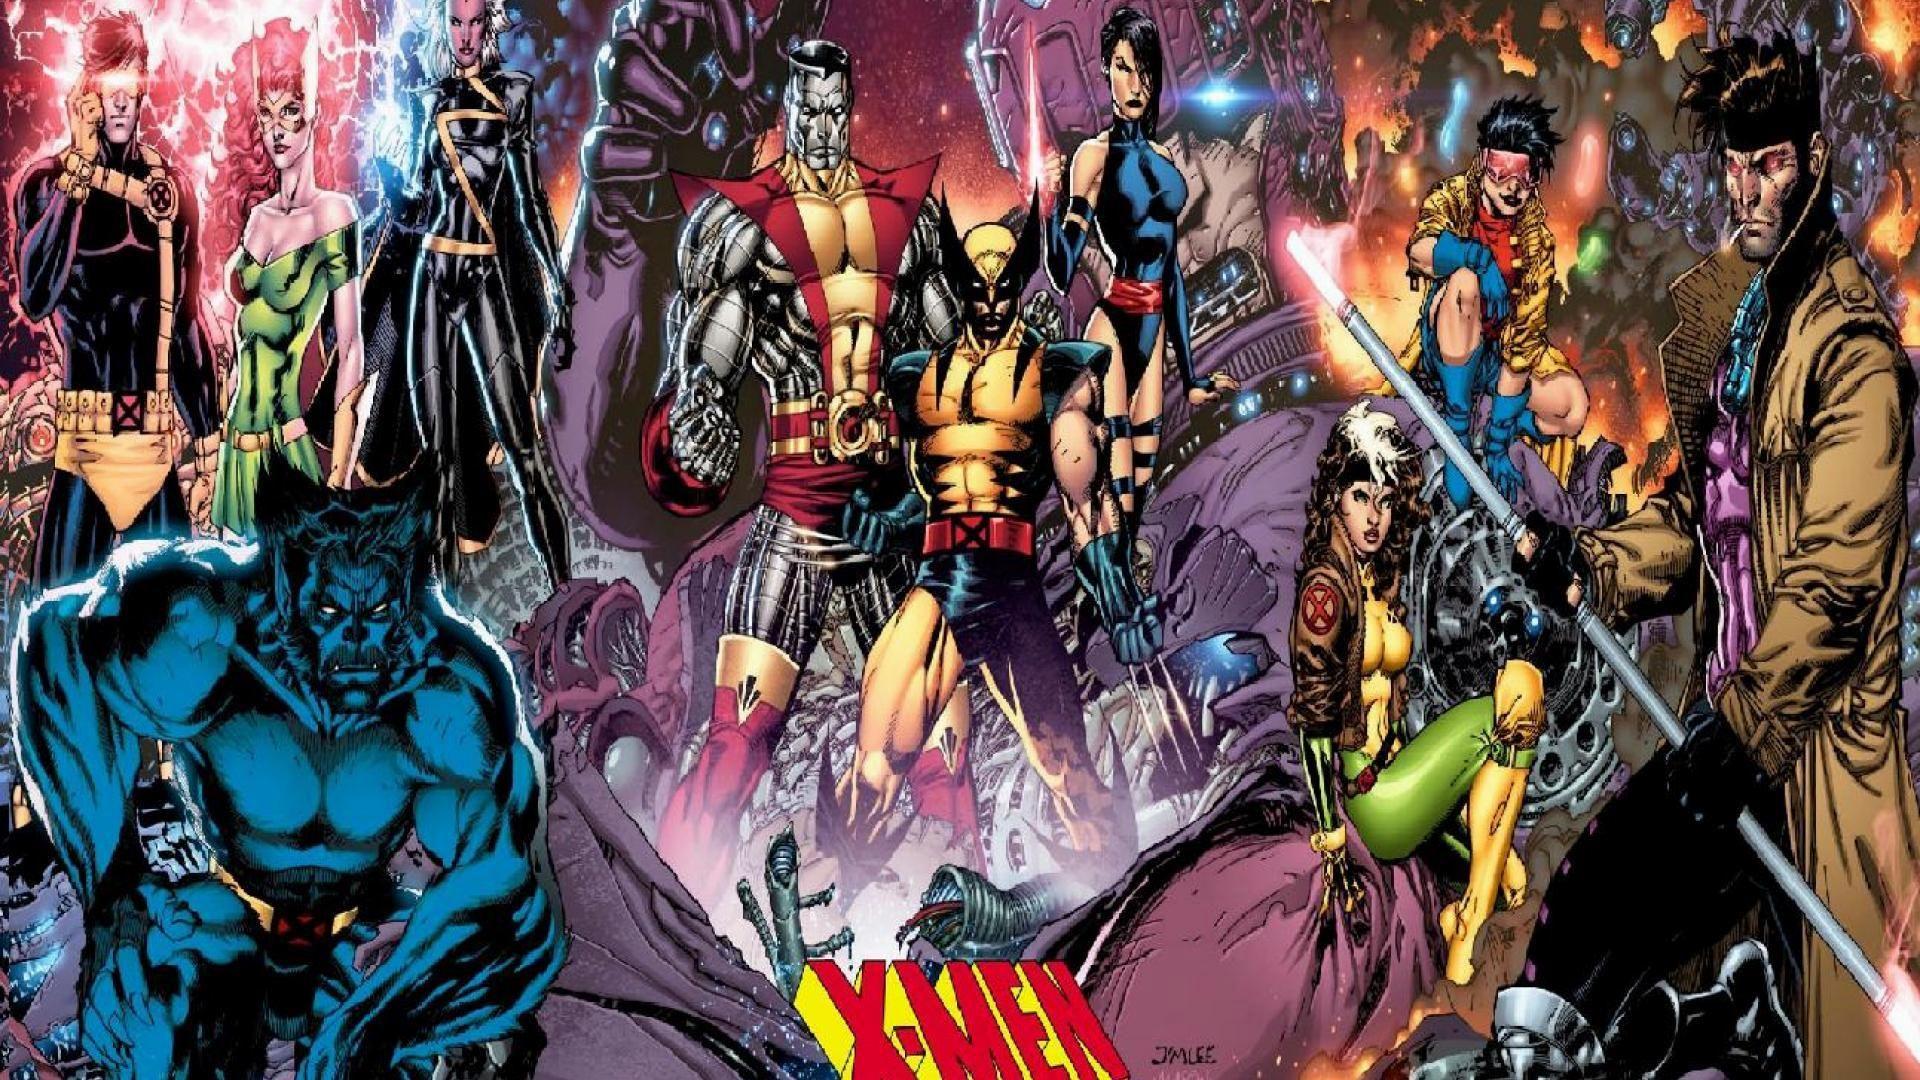 X Men Apocalypse Wallpapers 1920 1080 X Men Wallpapers 52 Wallpapers Adorable Wallpapers Jim Lee Art X Men Comics